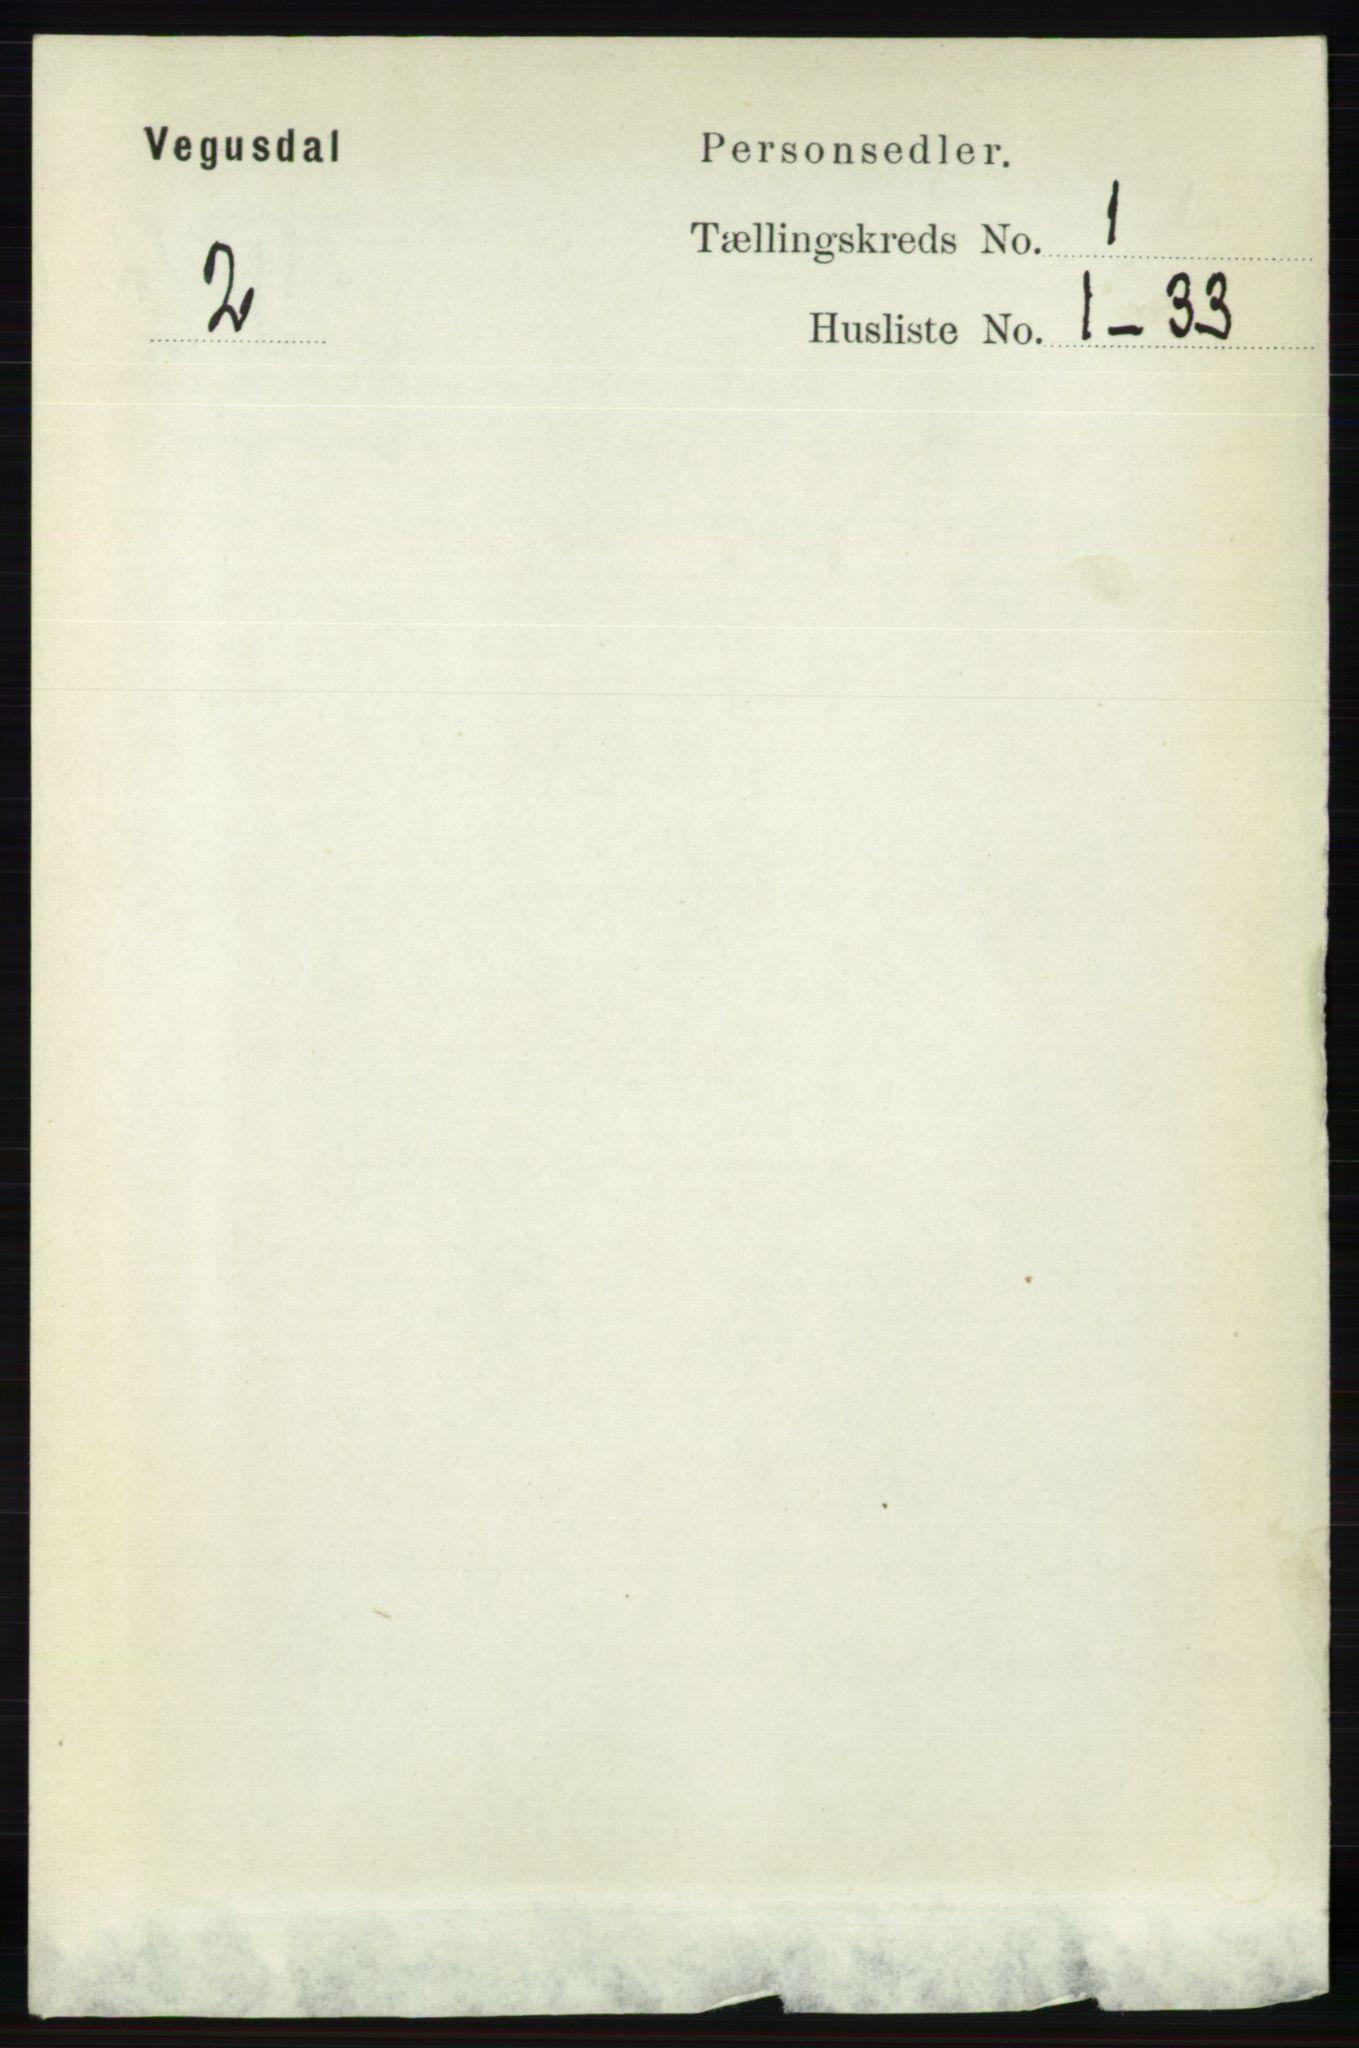 RA, Folketelling 1891 for 0934 Vegusdal herred, 1891, s. 53